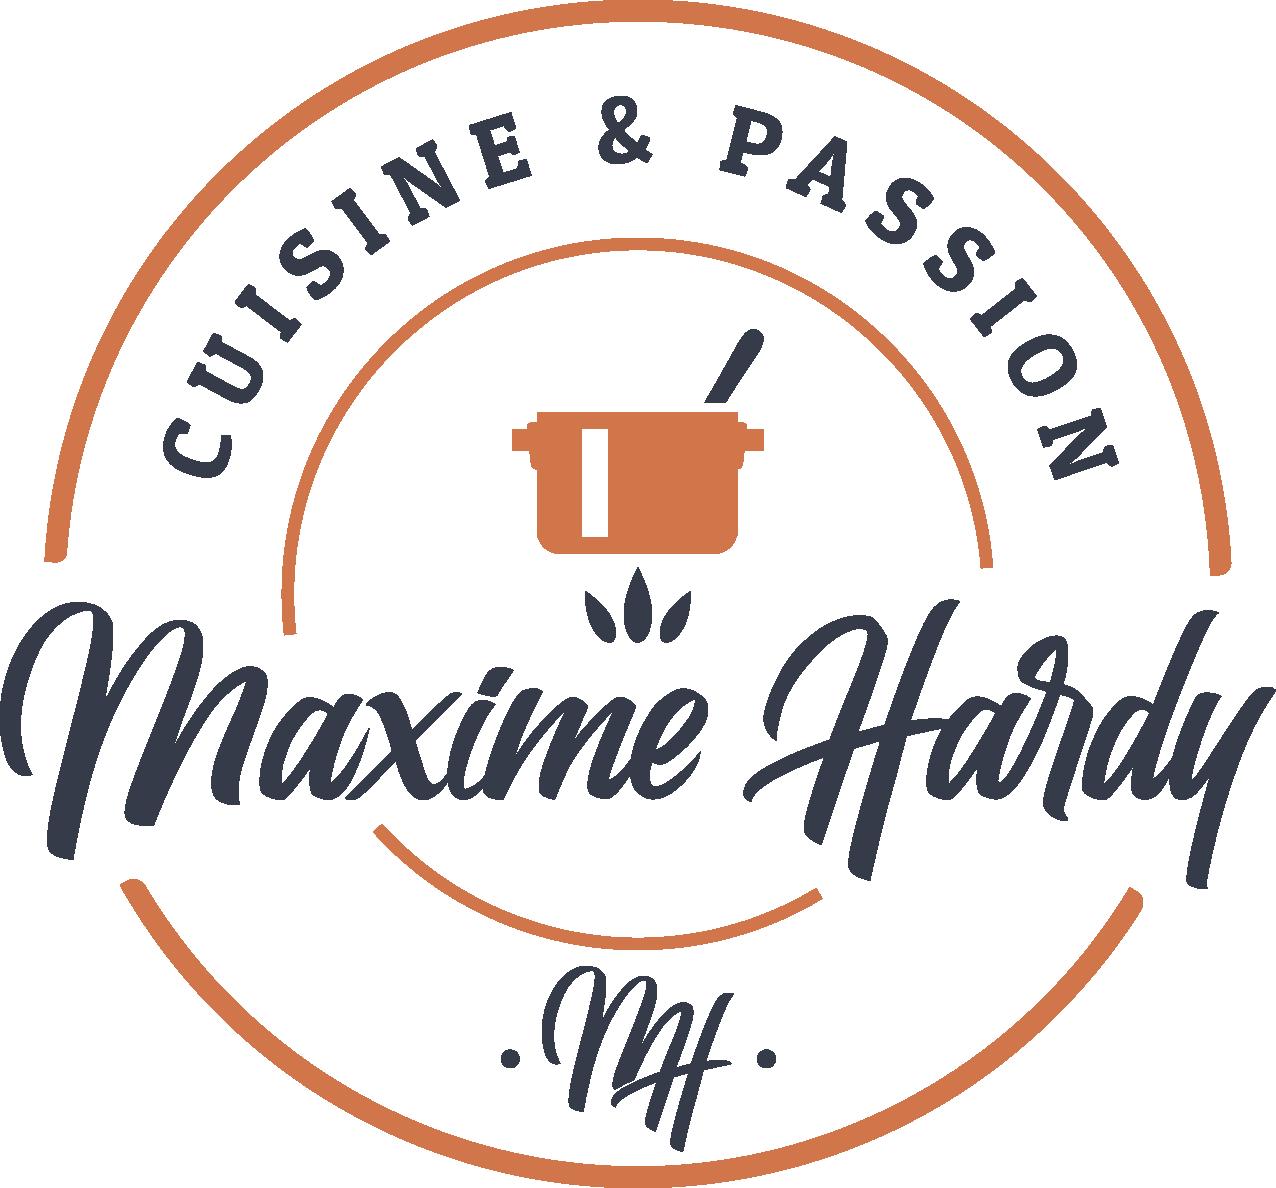 Créer un logo vintage et authentique pour ma petite société culinaire